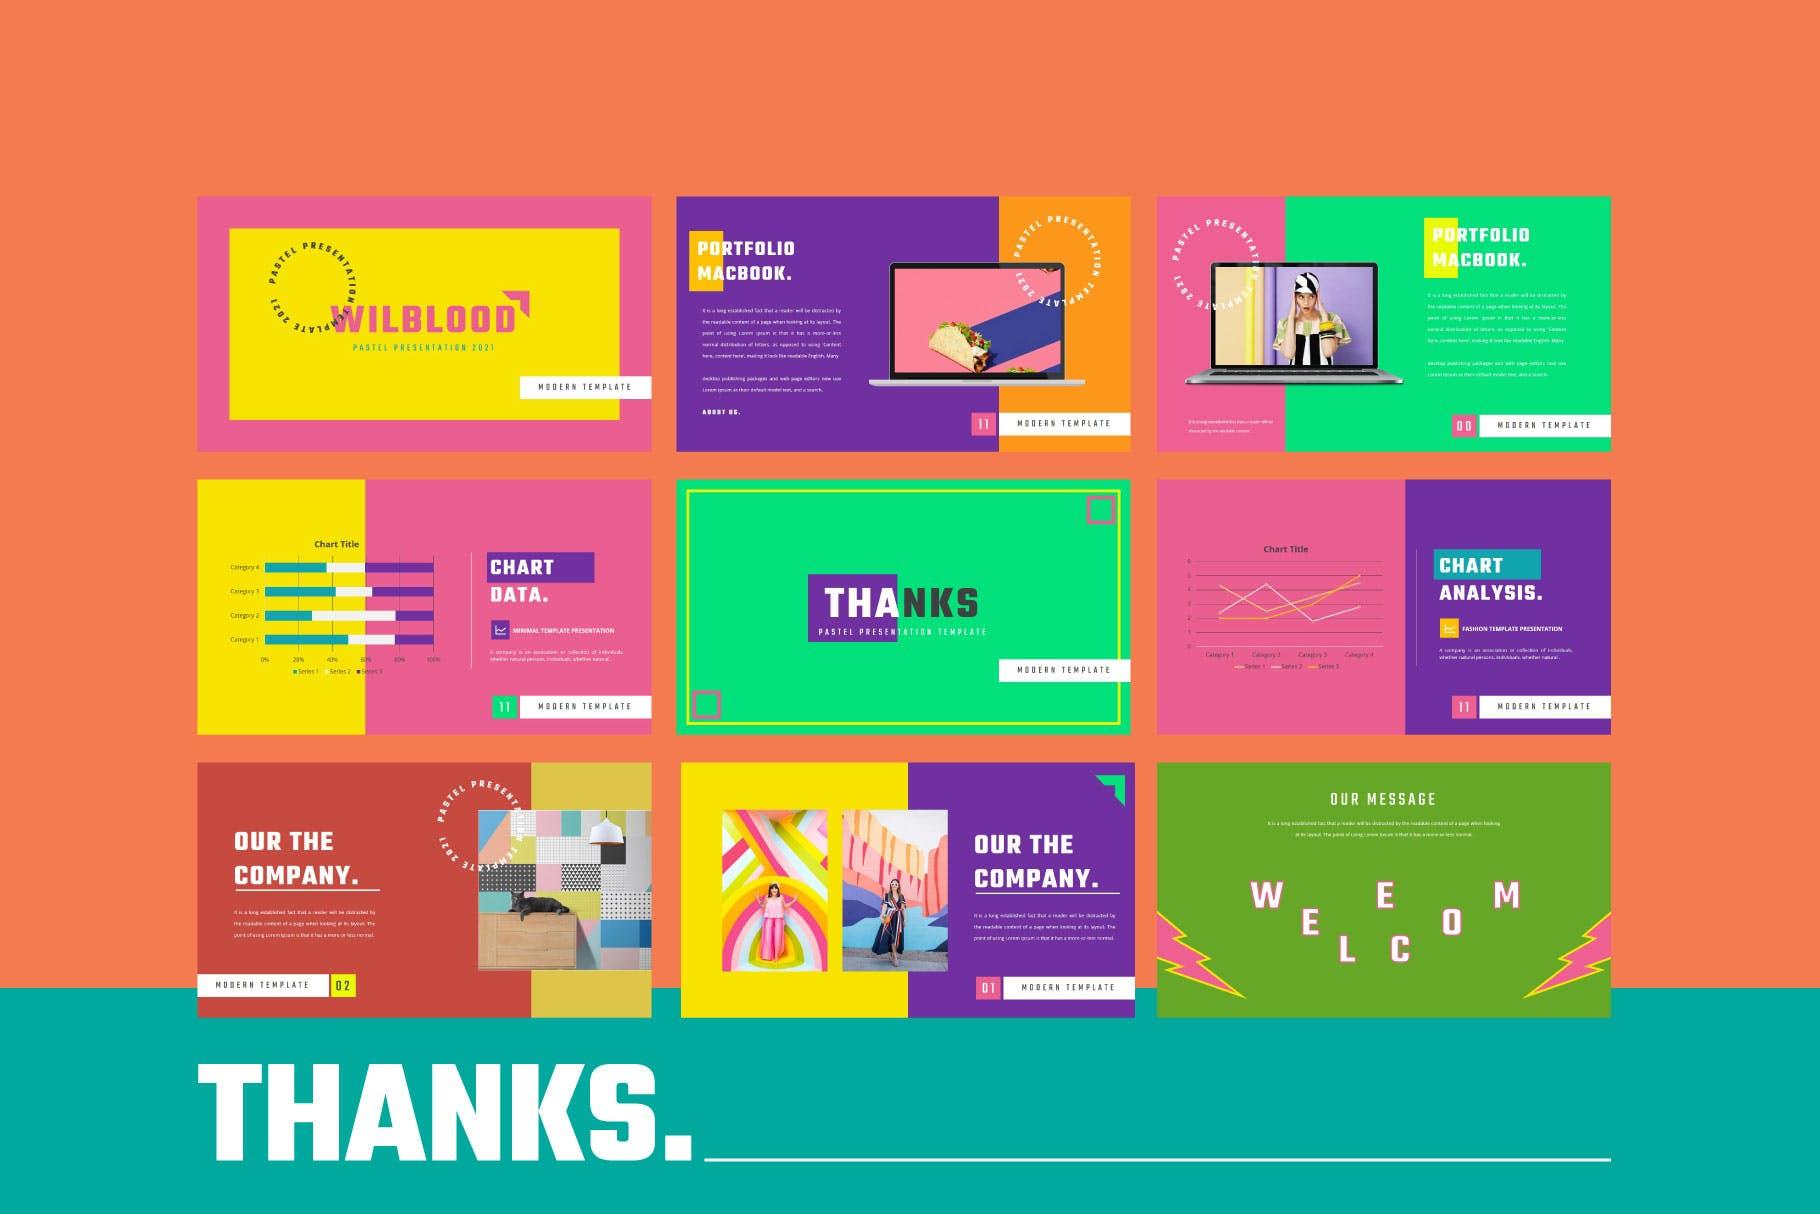 时尚炫彩服装策划提案简报作品集设计模版 WILBLOOD – Keynote Template插图7